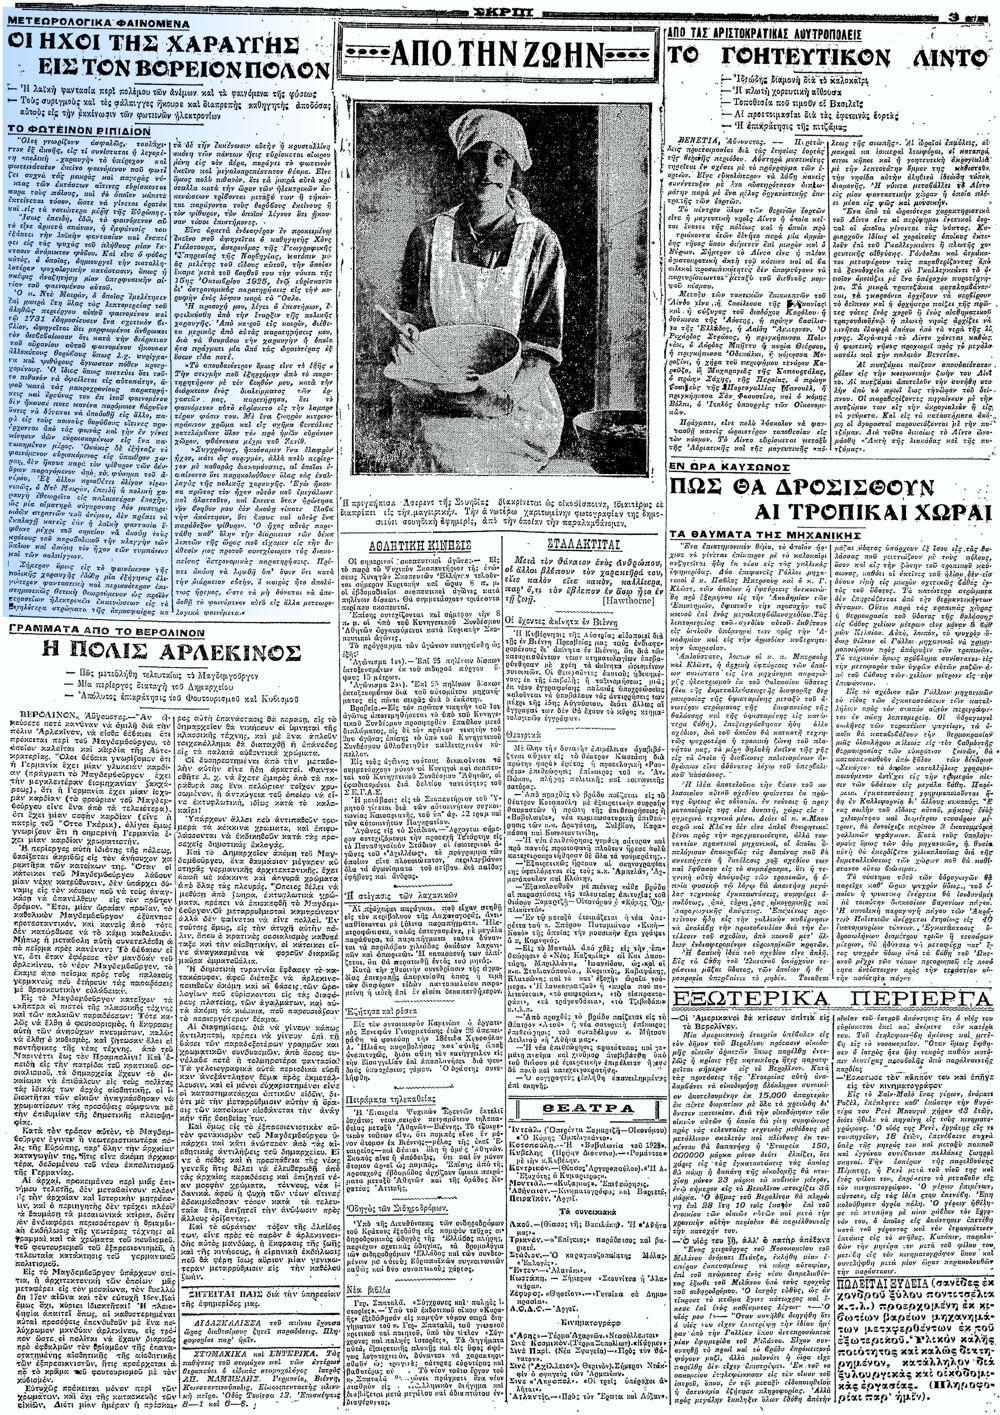 """Το άρθρο, όπως δημοσιεύθηκε στην εφημερίδα """"ΣΚΡΙΠ"""", στις 12/08/1928"""